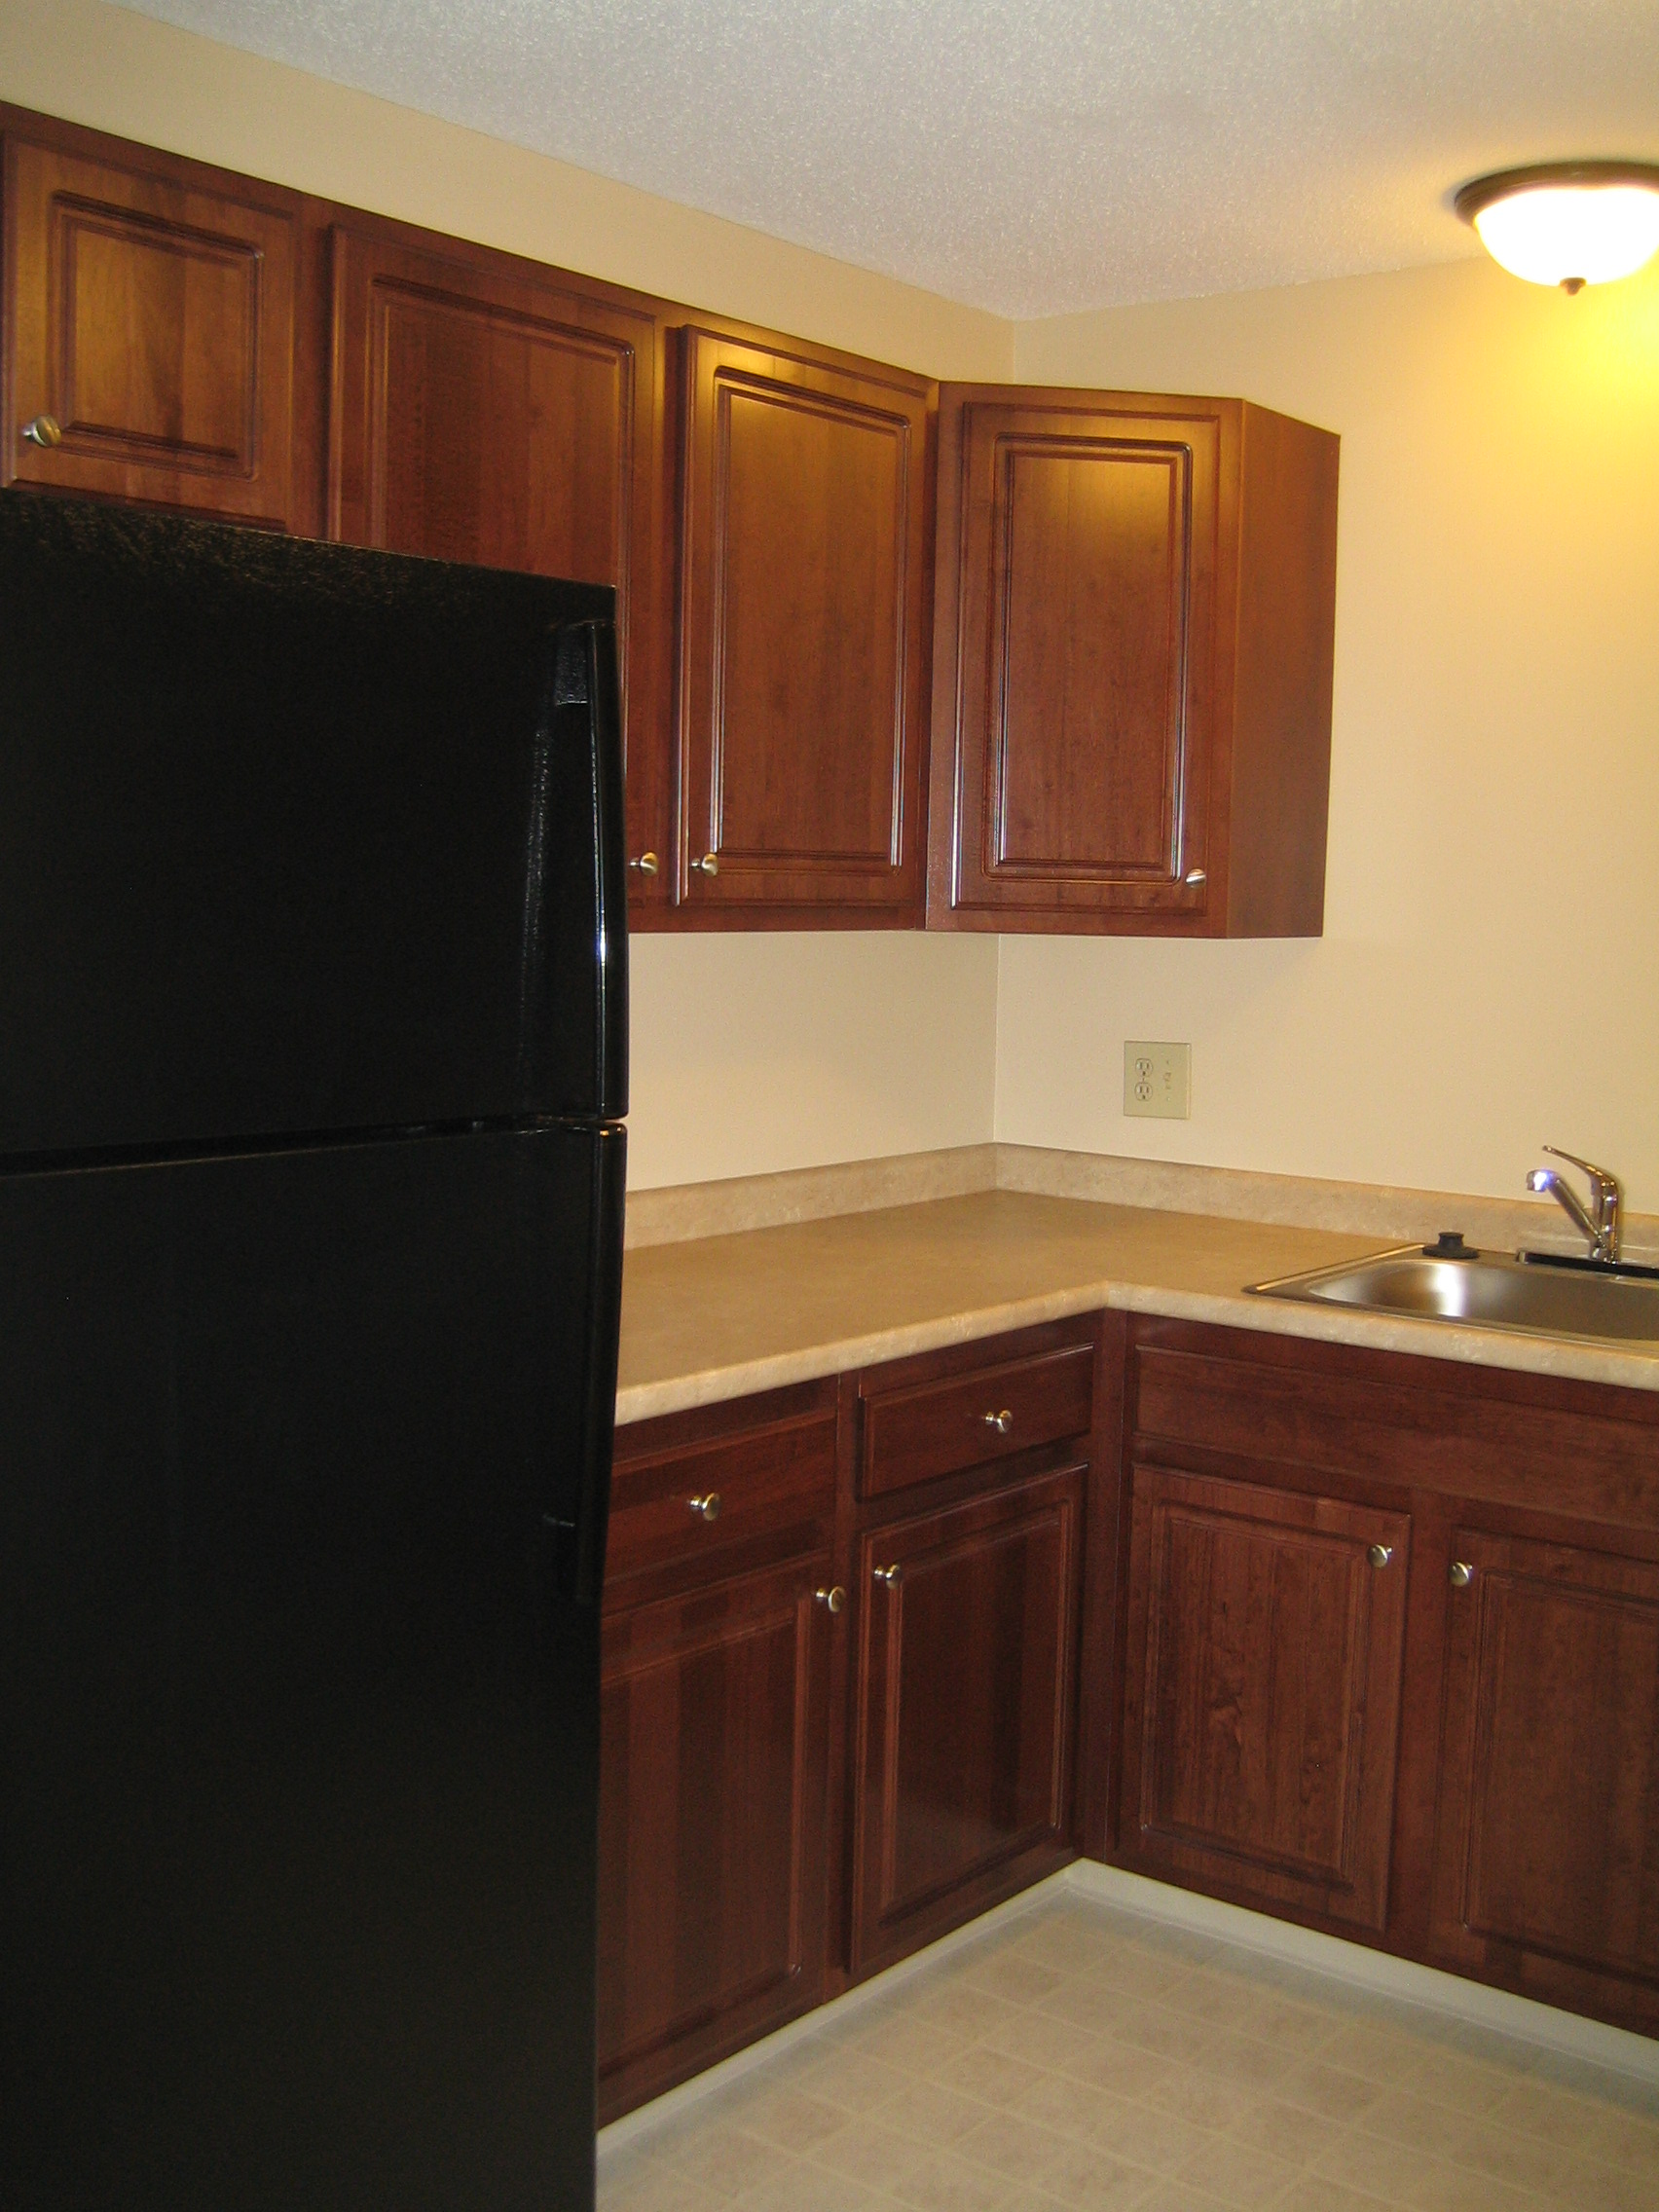 mid kitchen 2.JPG